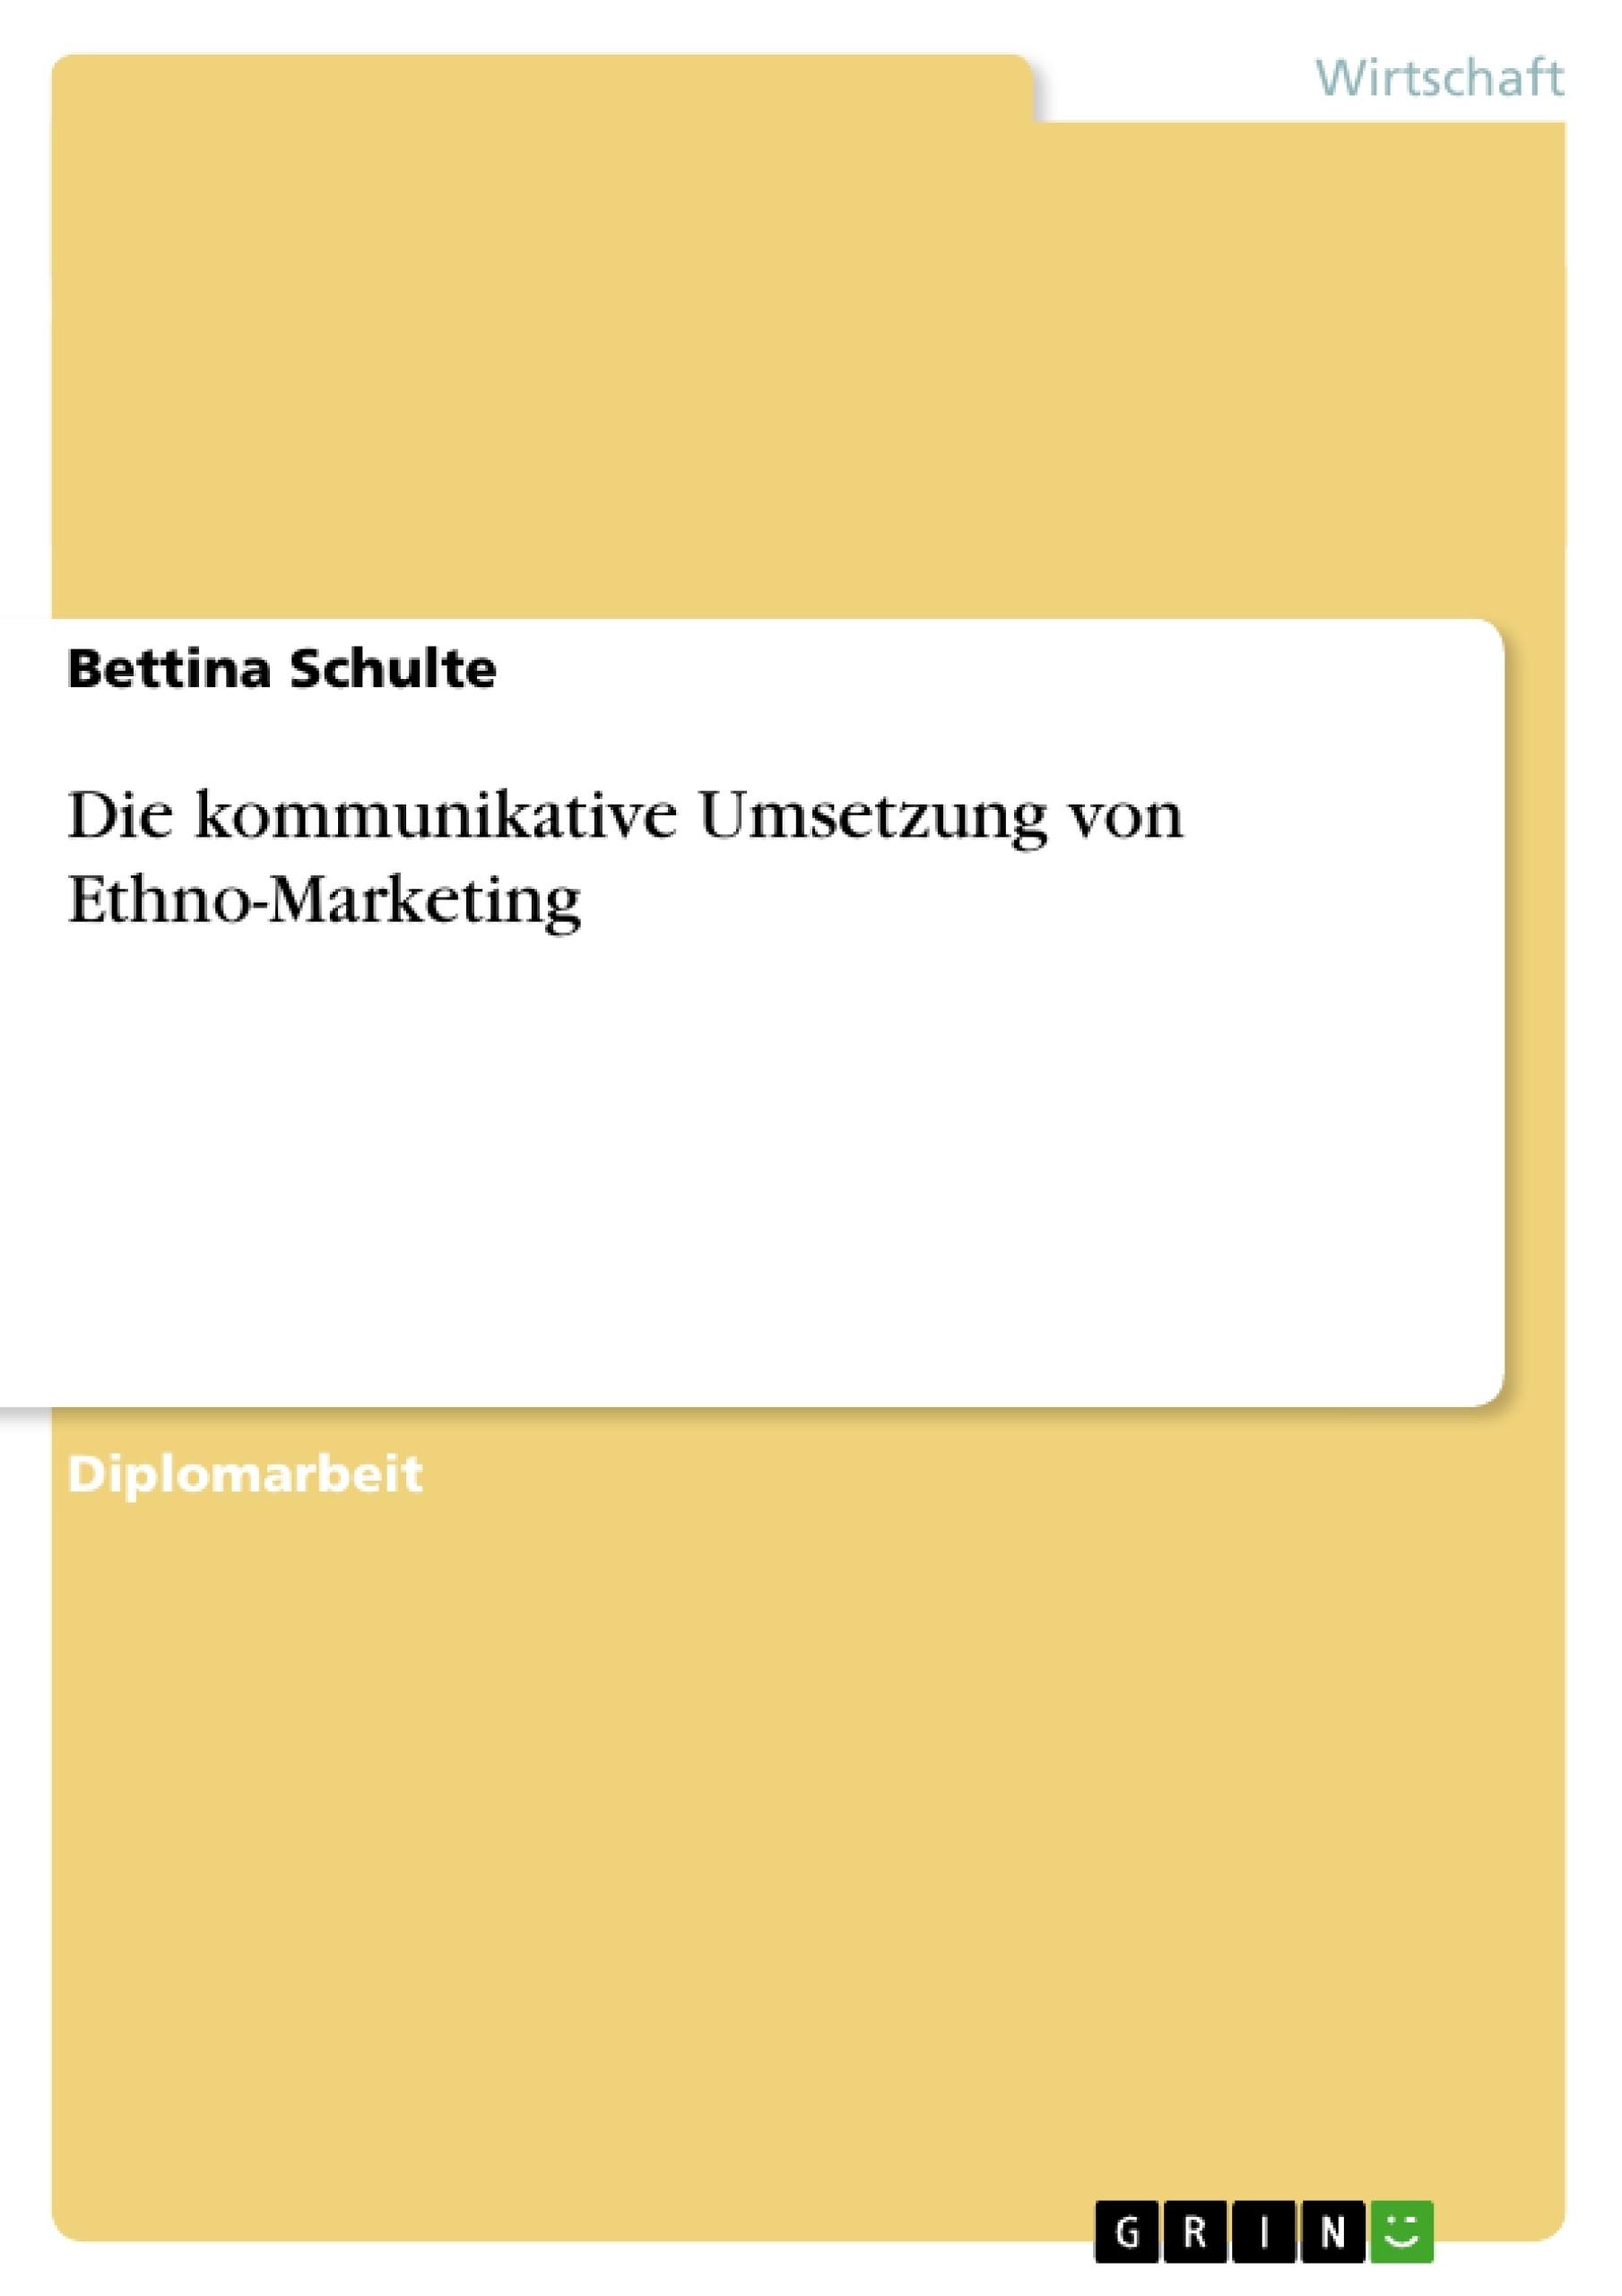 Titel: Die kommunikative Umsetzung von Ethno-Marketing